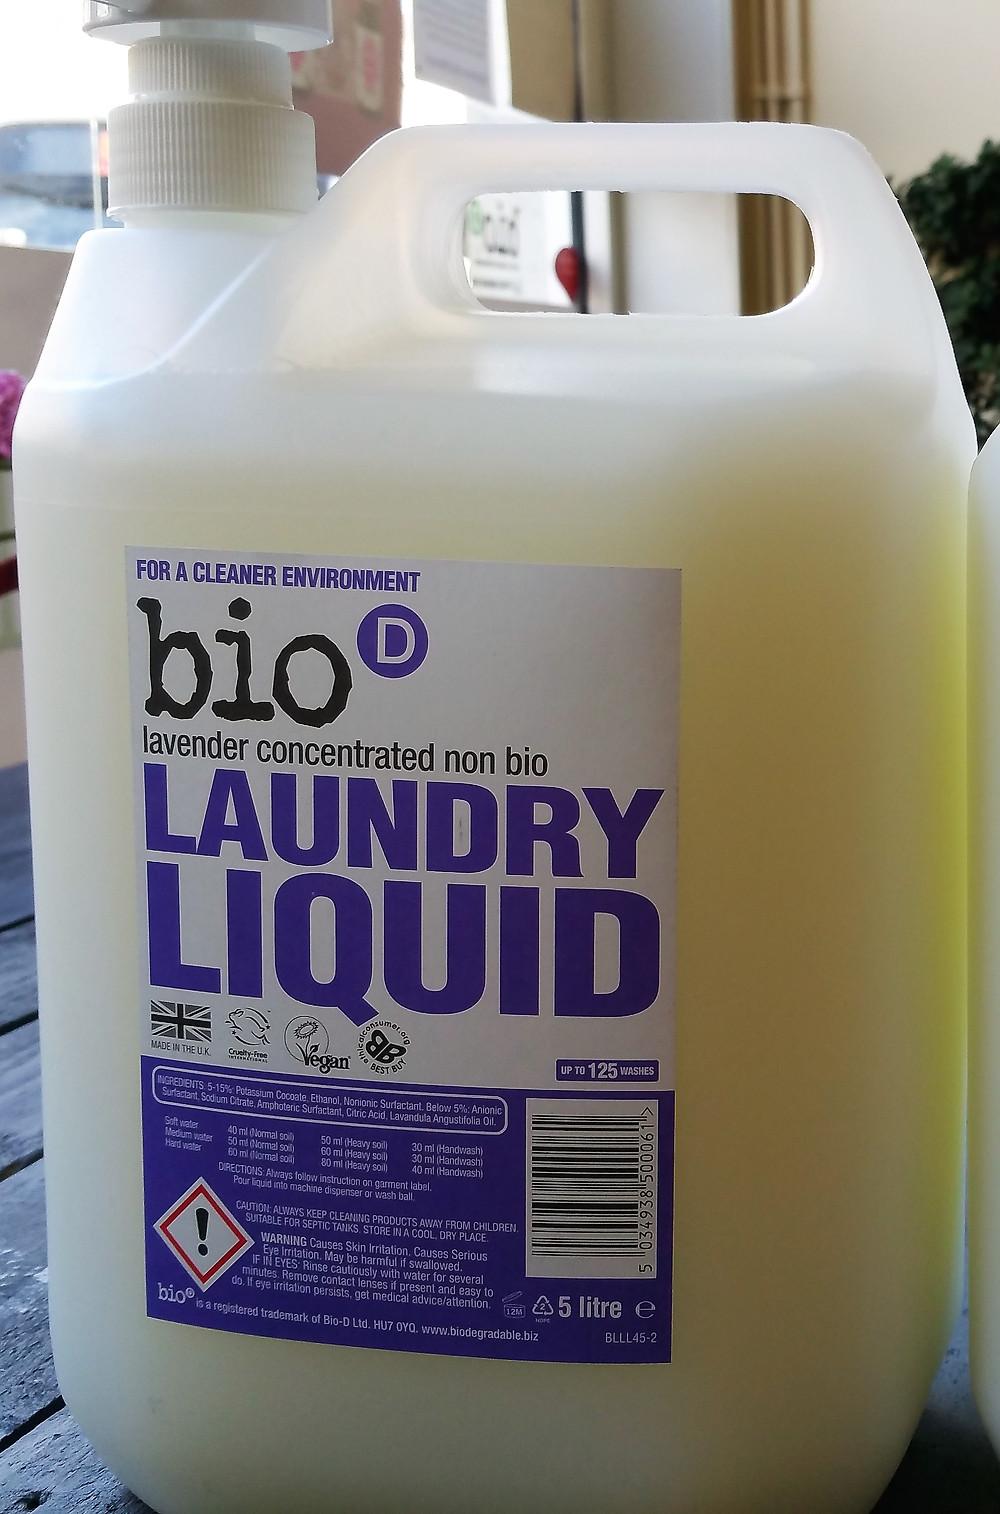 Lavender Laundry Liquid